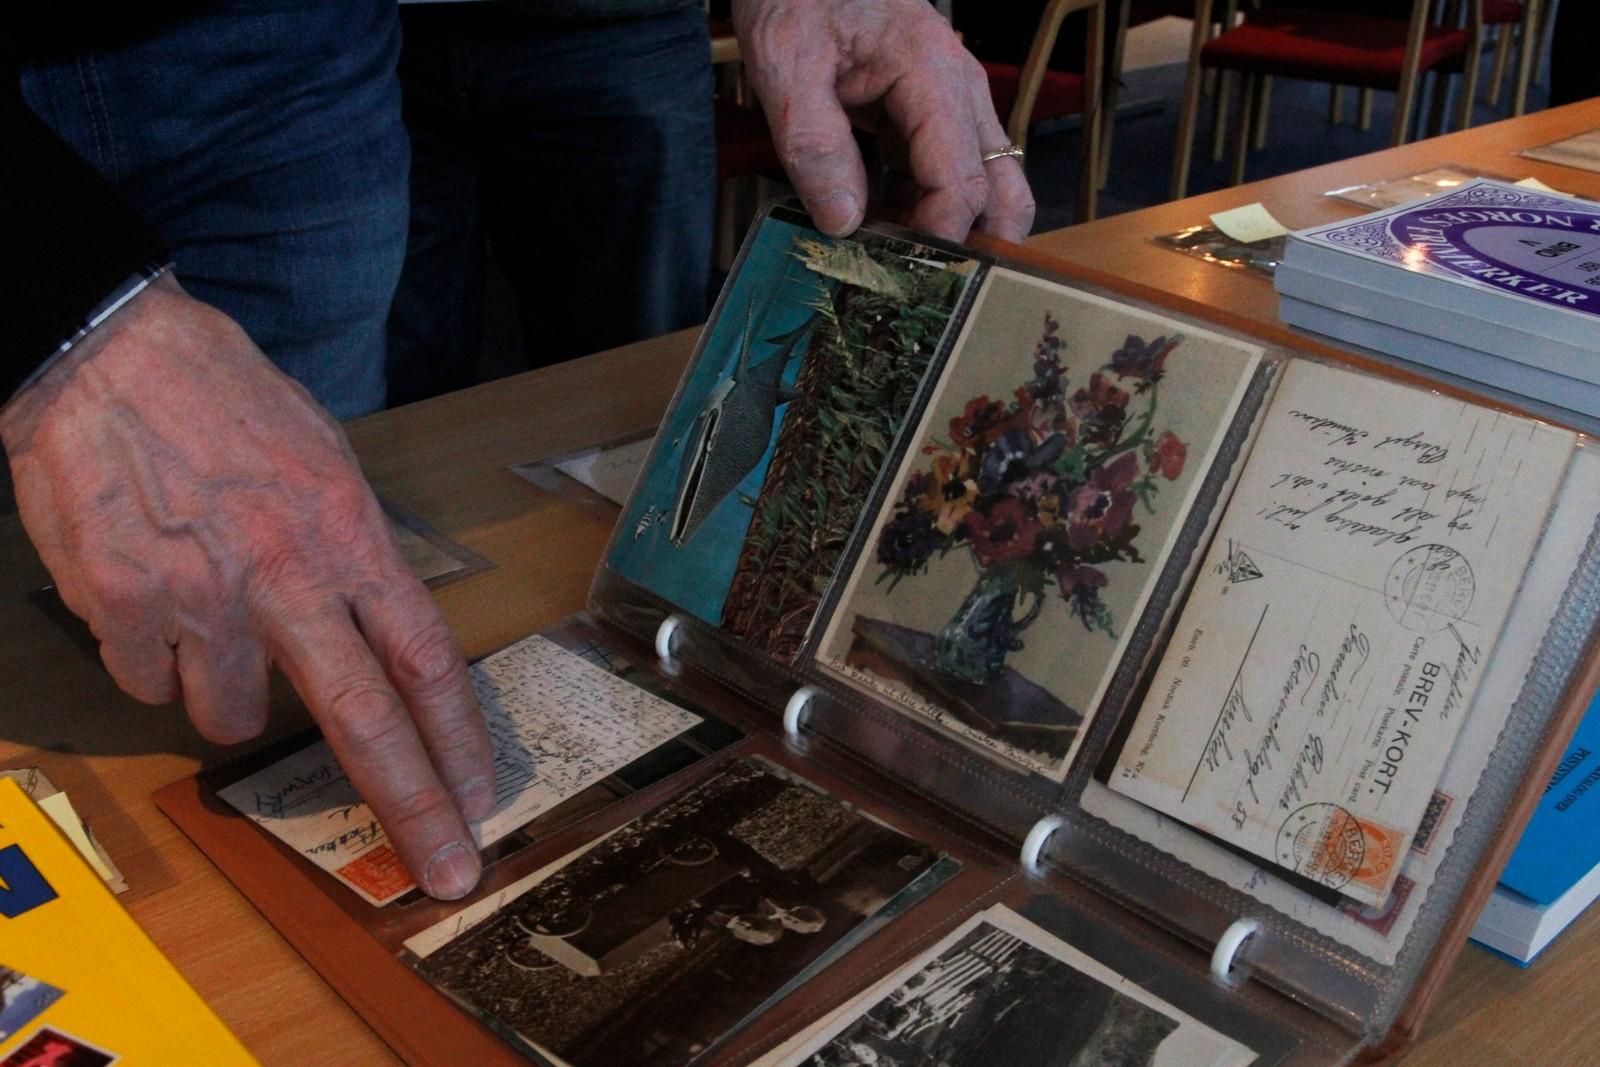 I gamle postkortsamlingar kan det liggje mykje verdifullt. Desse kan vere verdt fleire tusen kroner.